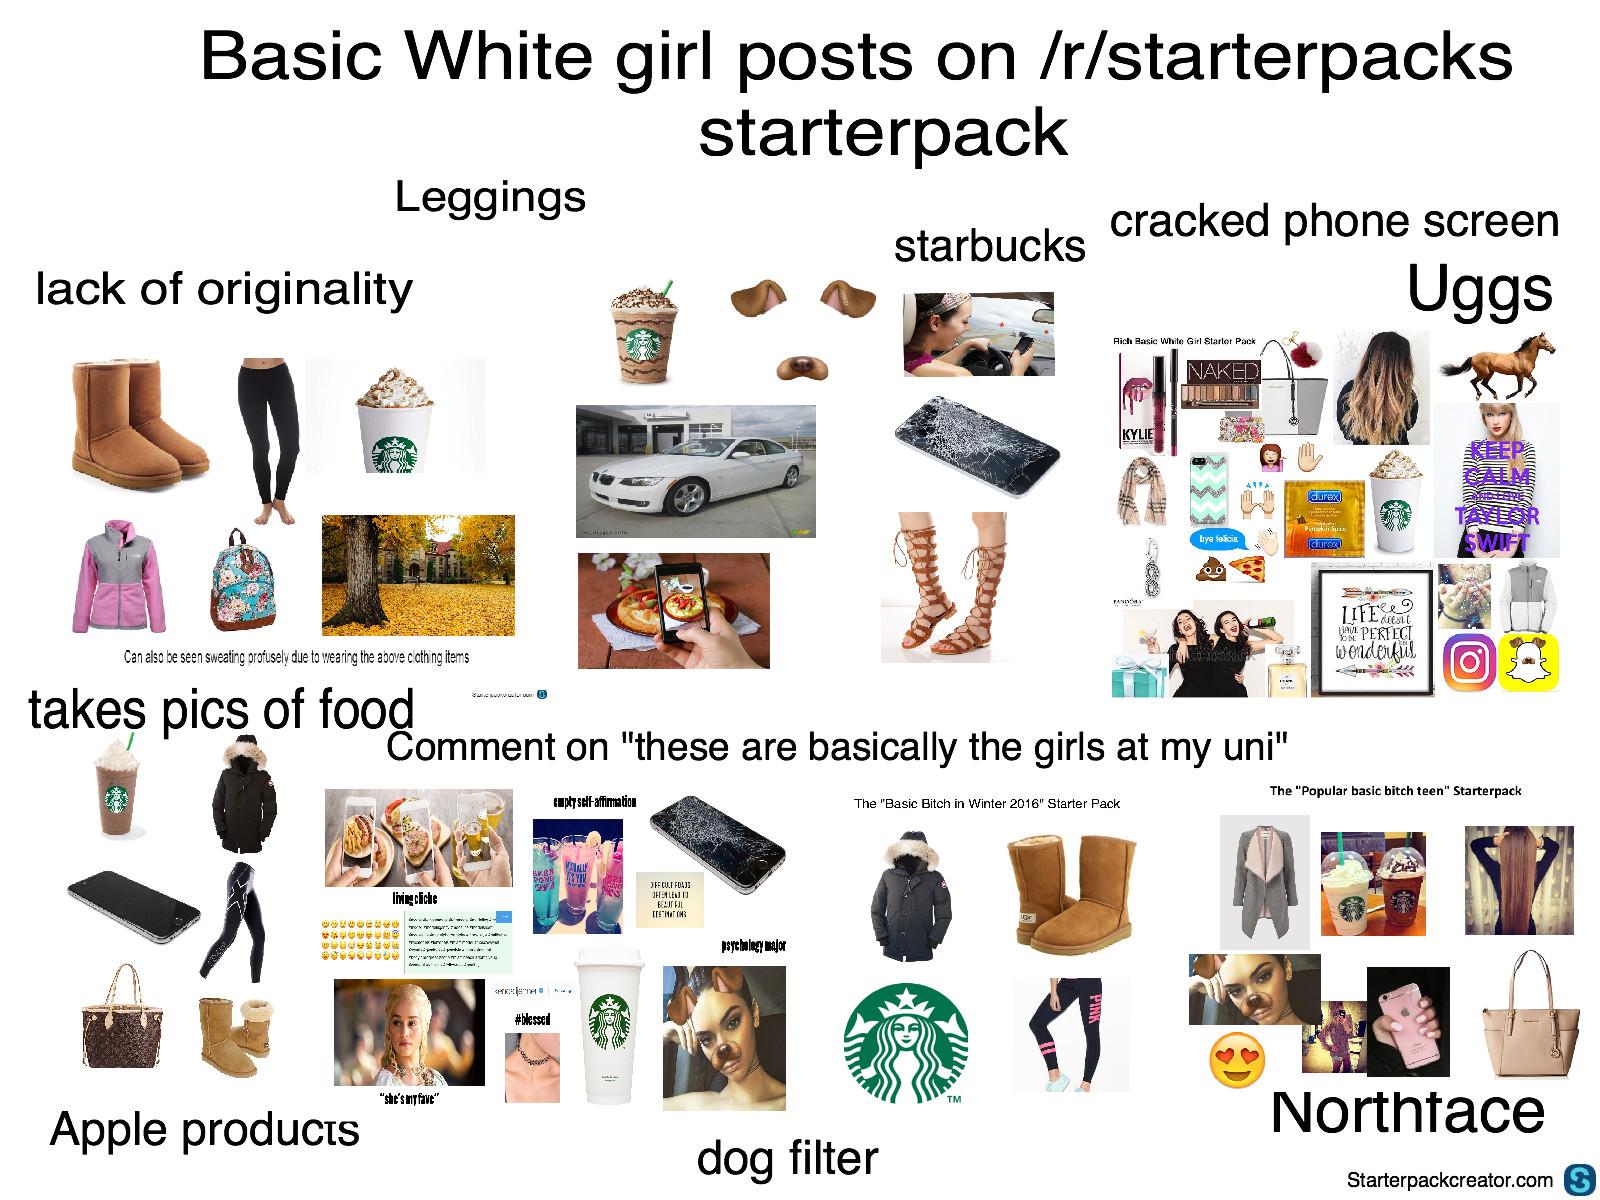 Basic White Girl Starter Pack Pumpkin Spice White Girl Starter Pack Pumpkin Spice Rec Sec